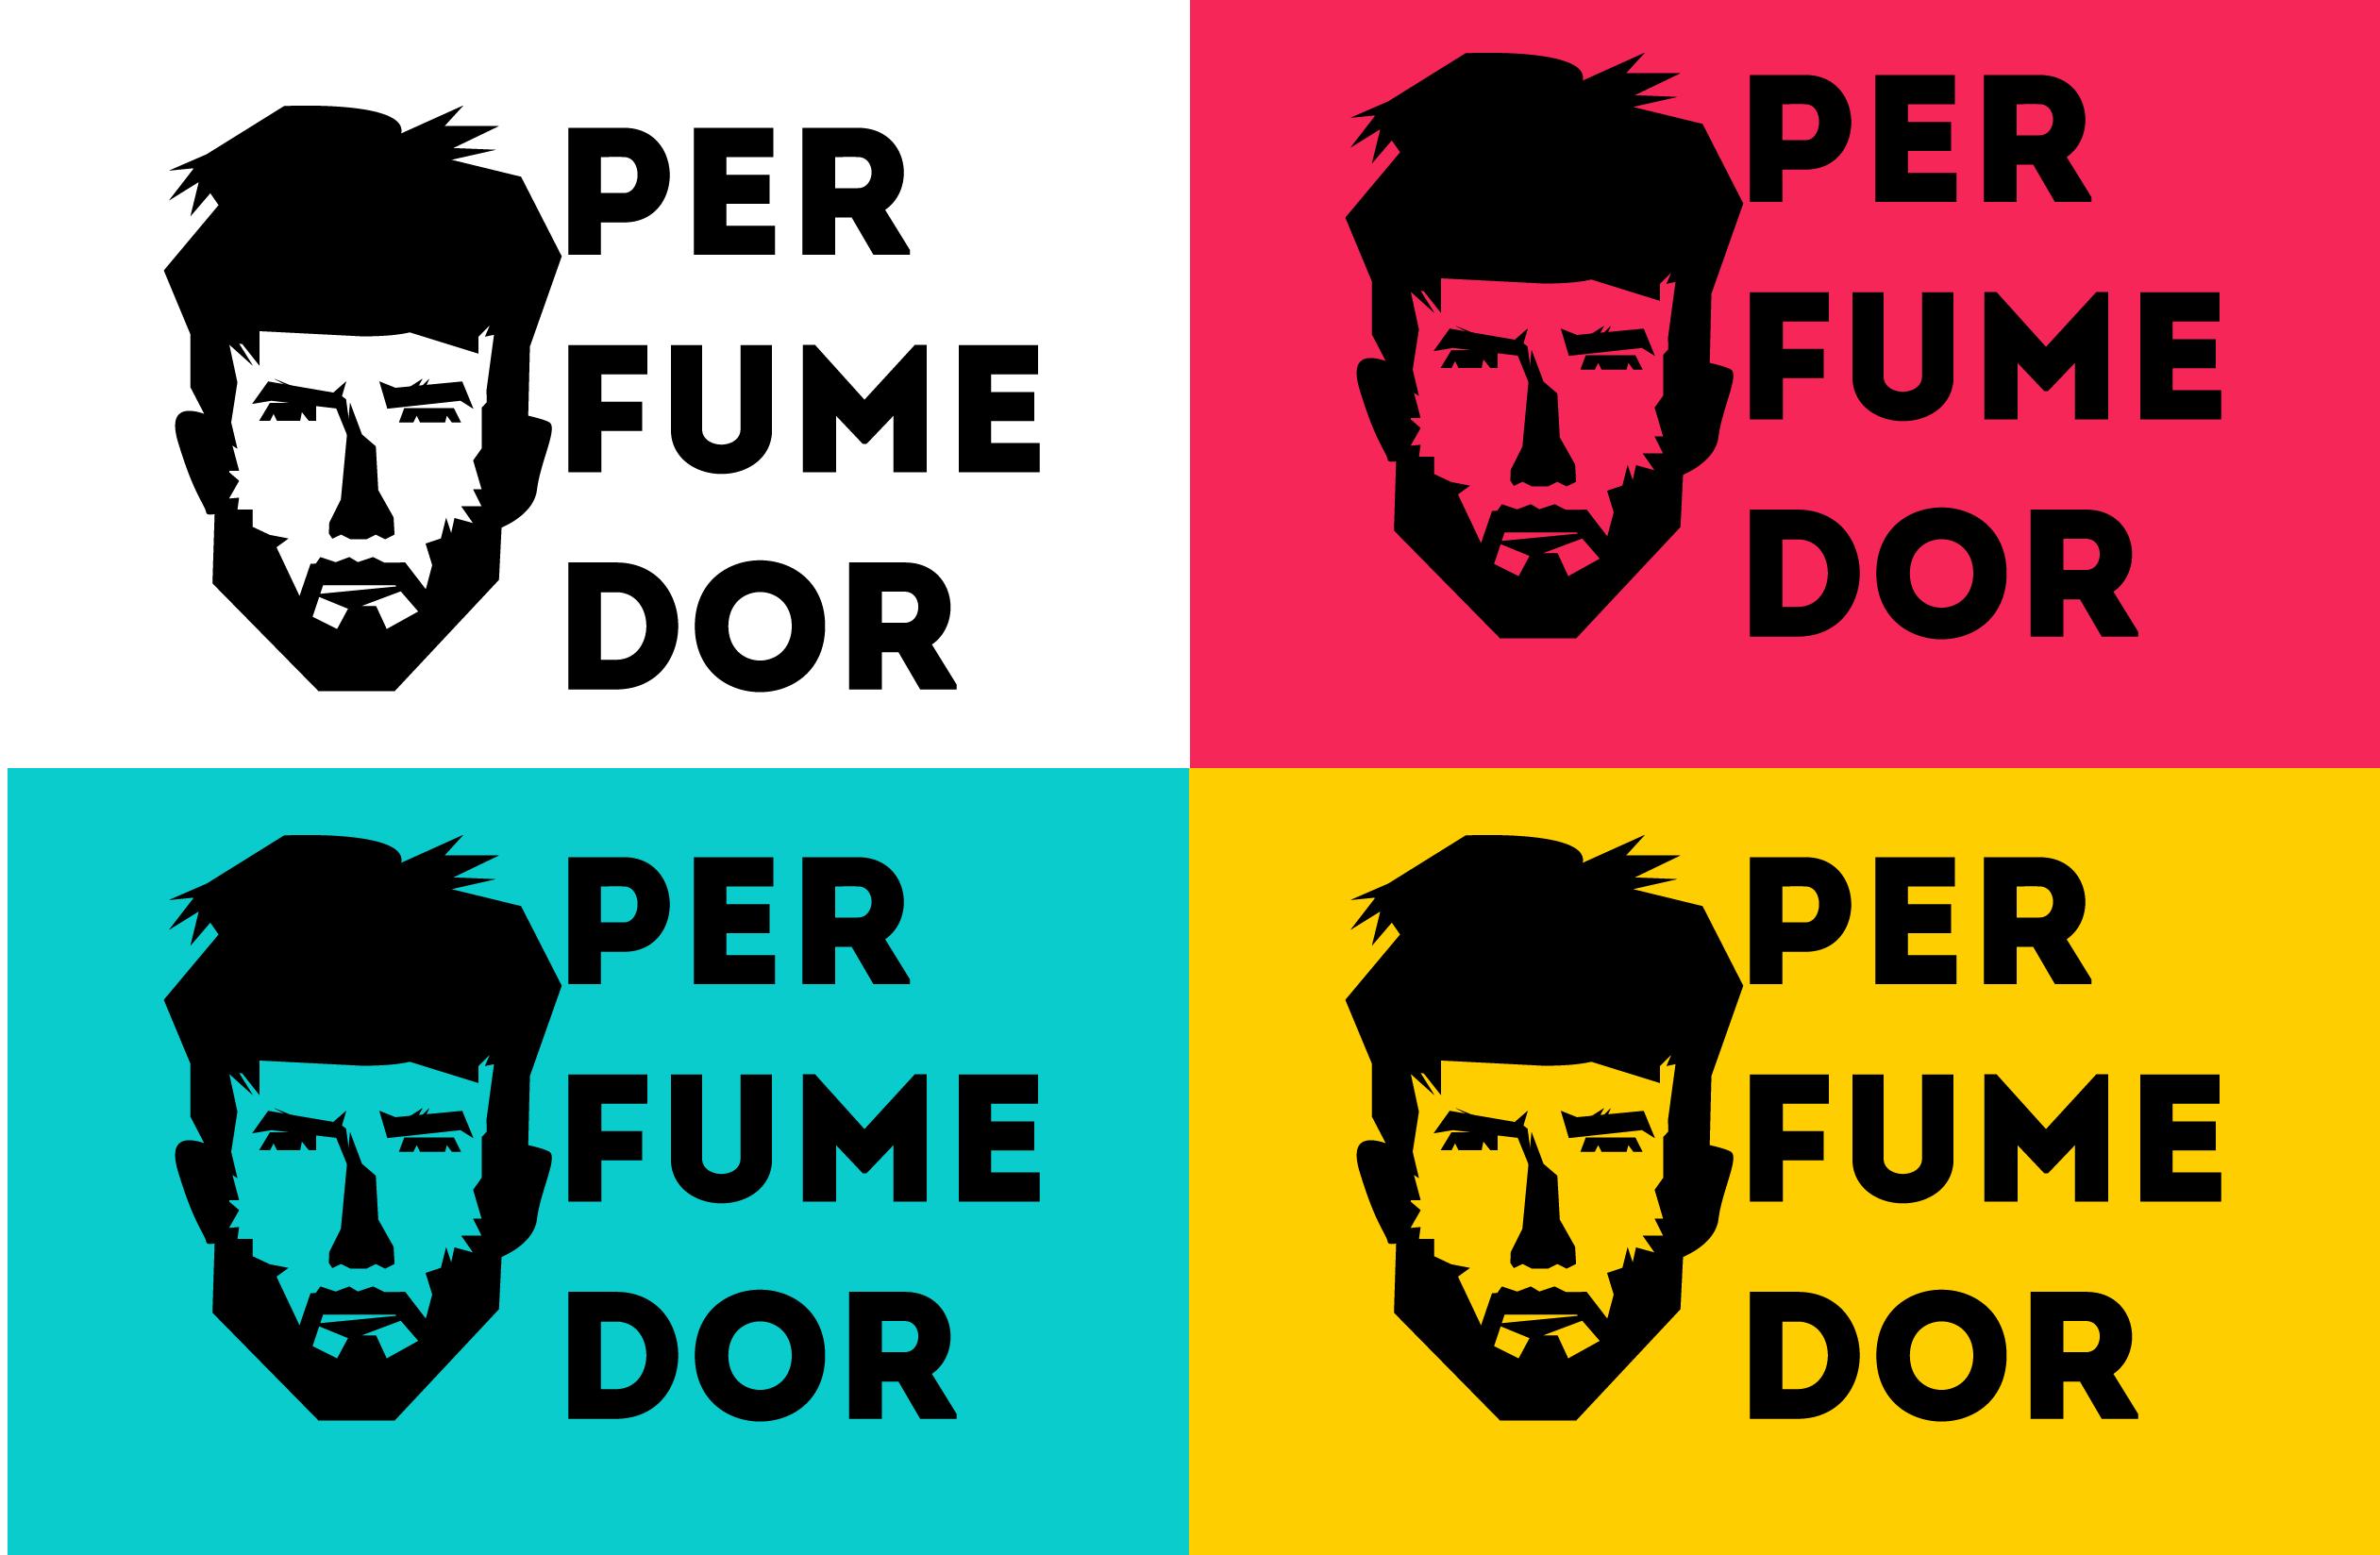 Логотип для интернет-магазина парфюмерии фото f_8665b47fdf65b0a5.png